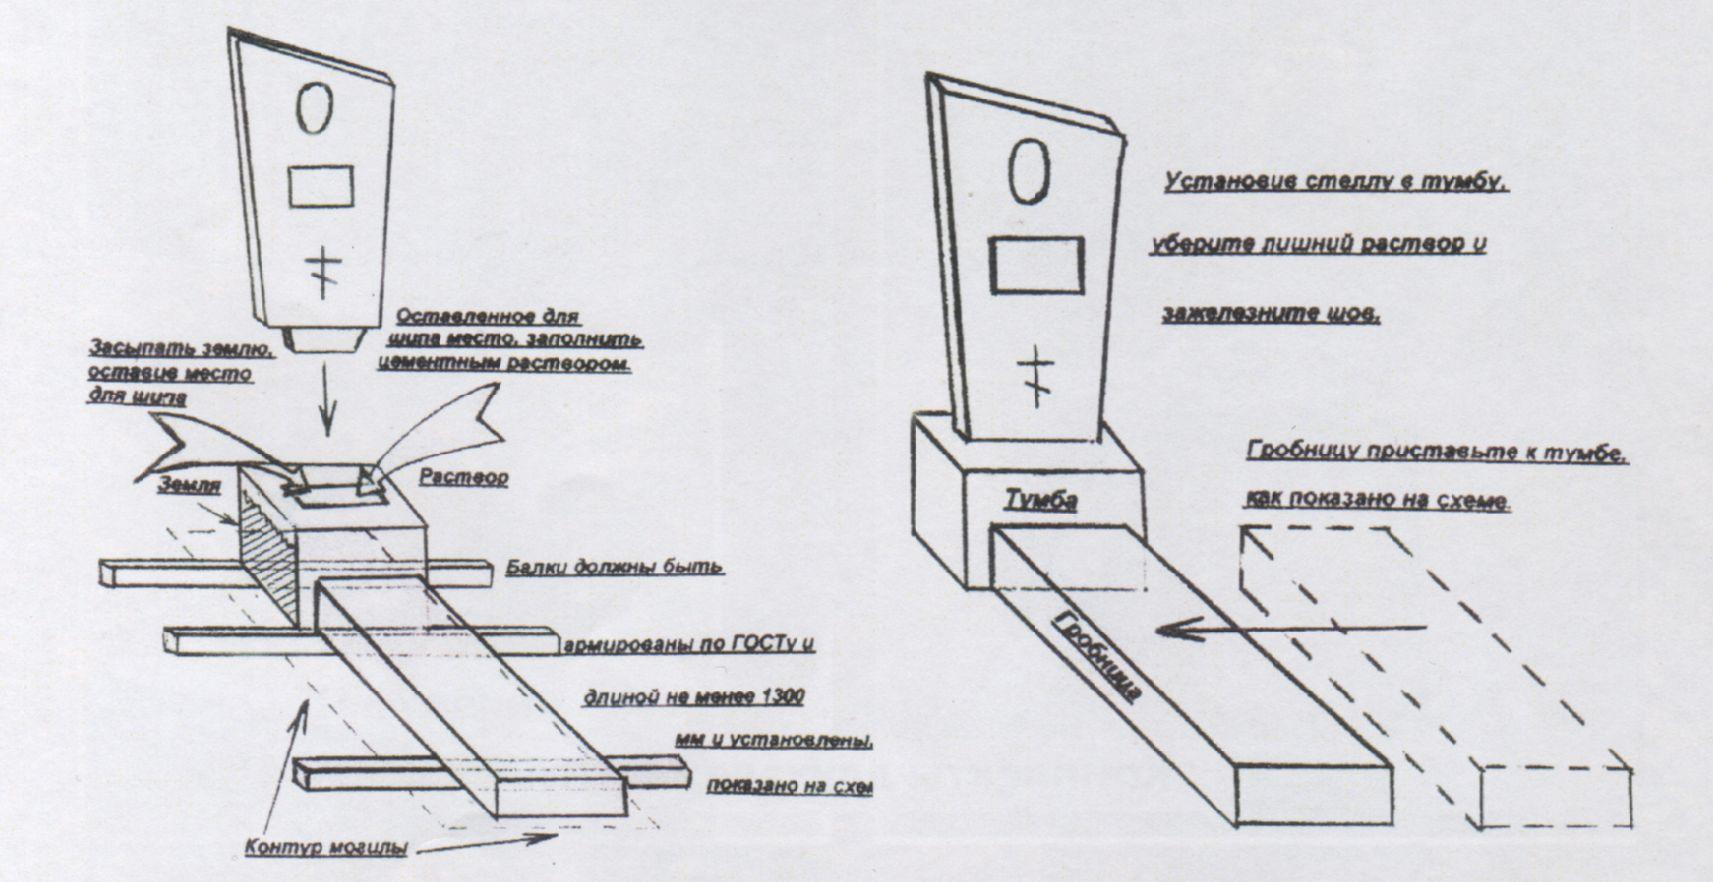 Схема установки памятника из мраморной,гранитной крошки - 16 Марта 2013 - Все виды памятников